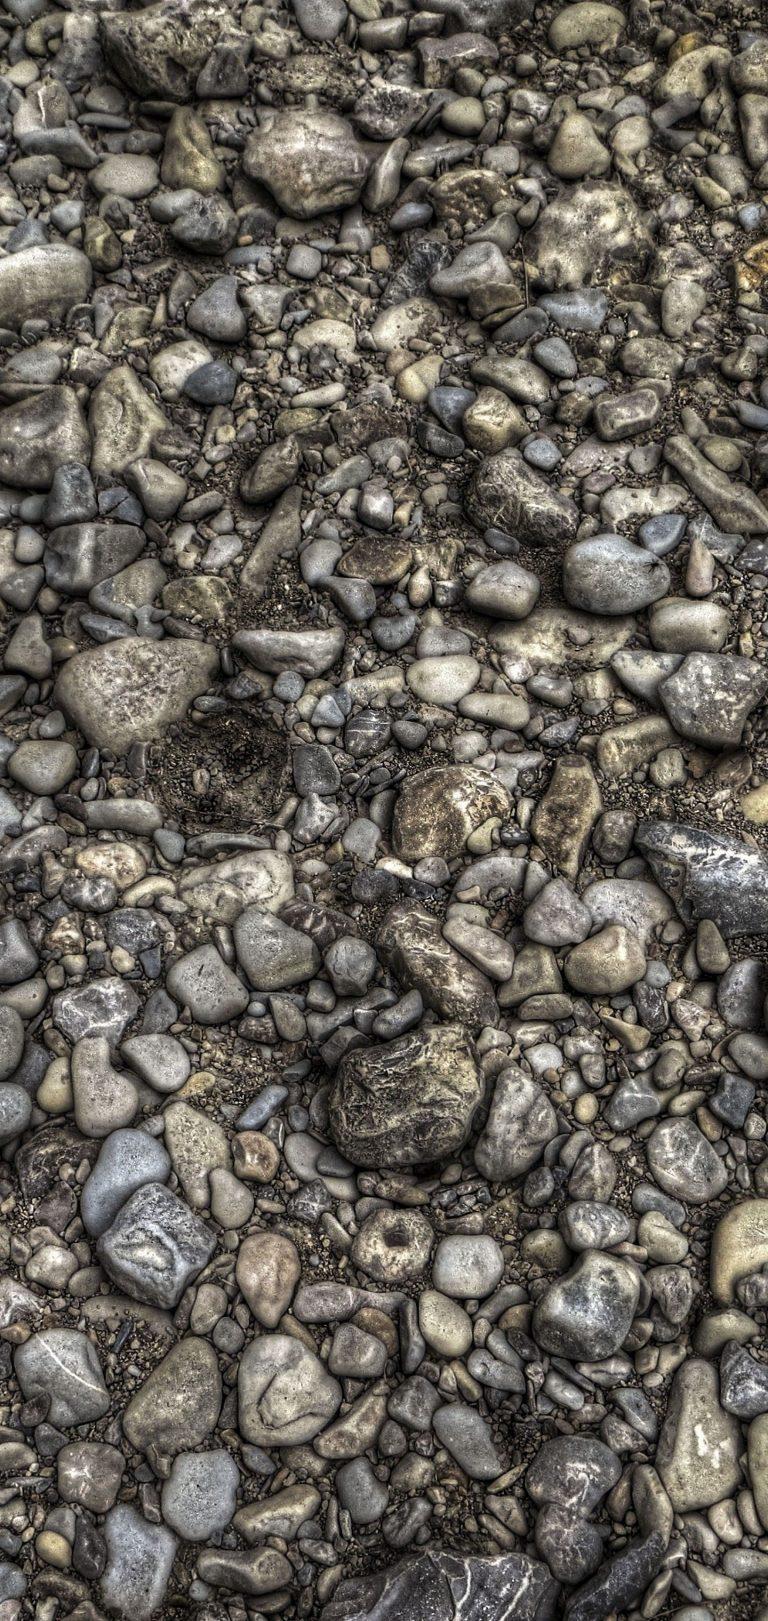 Texture Stones Wallpaper 1440x3040 768x1621